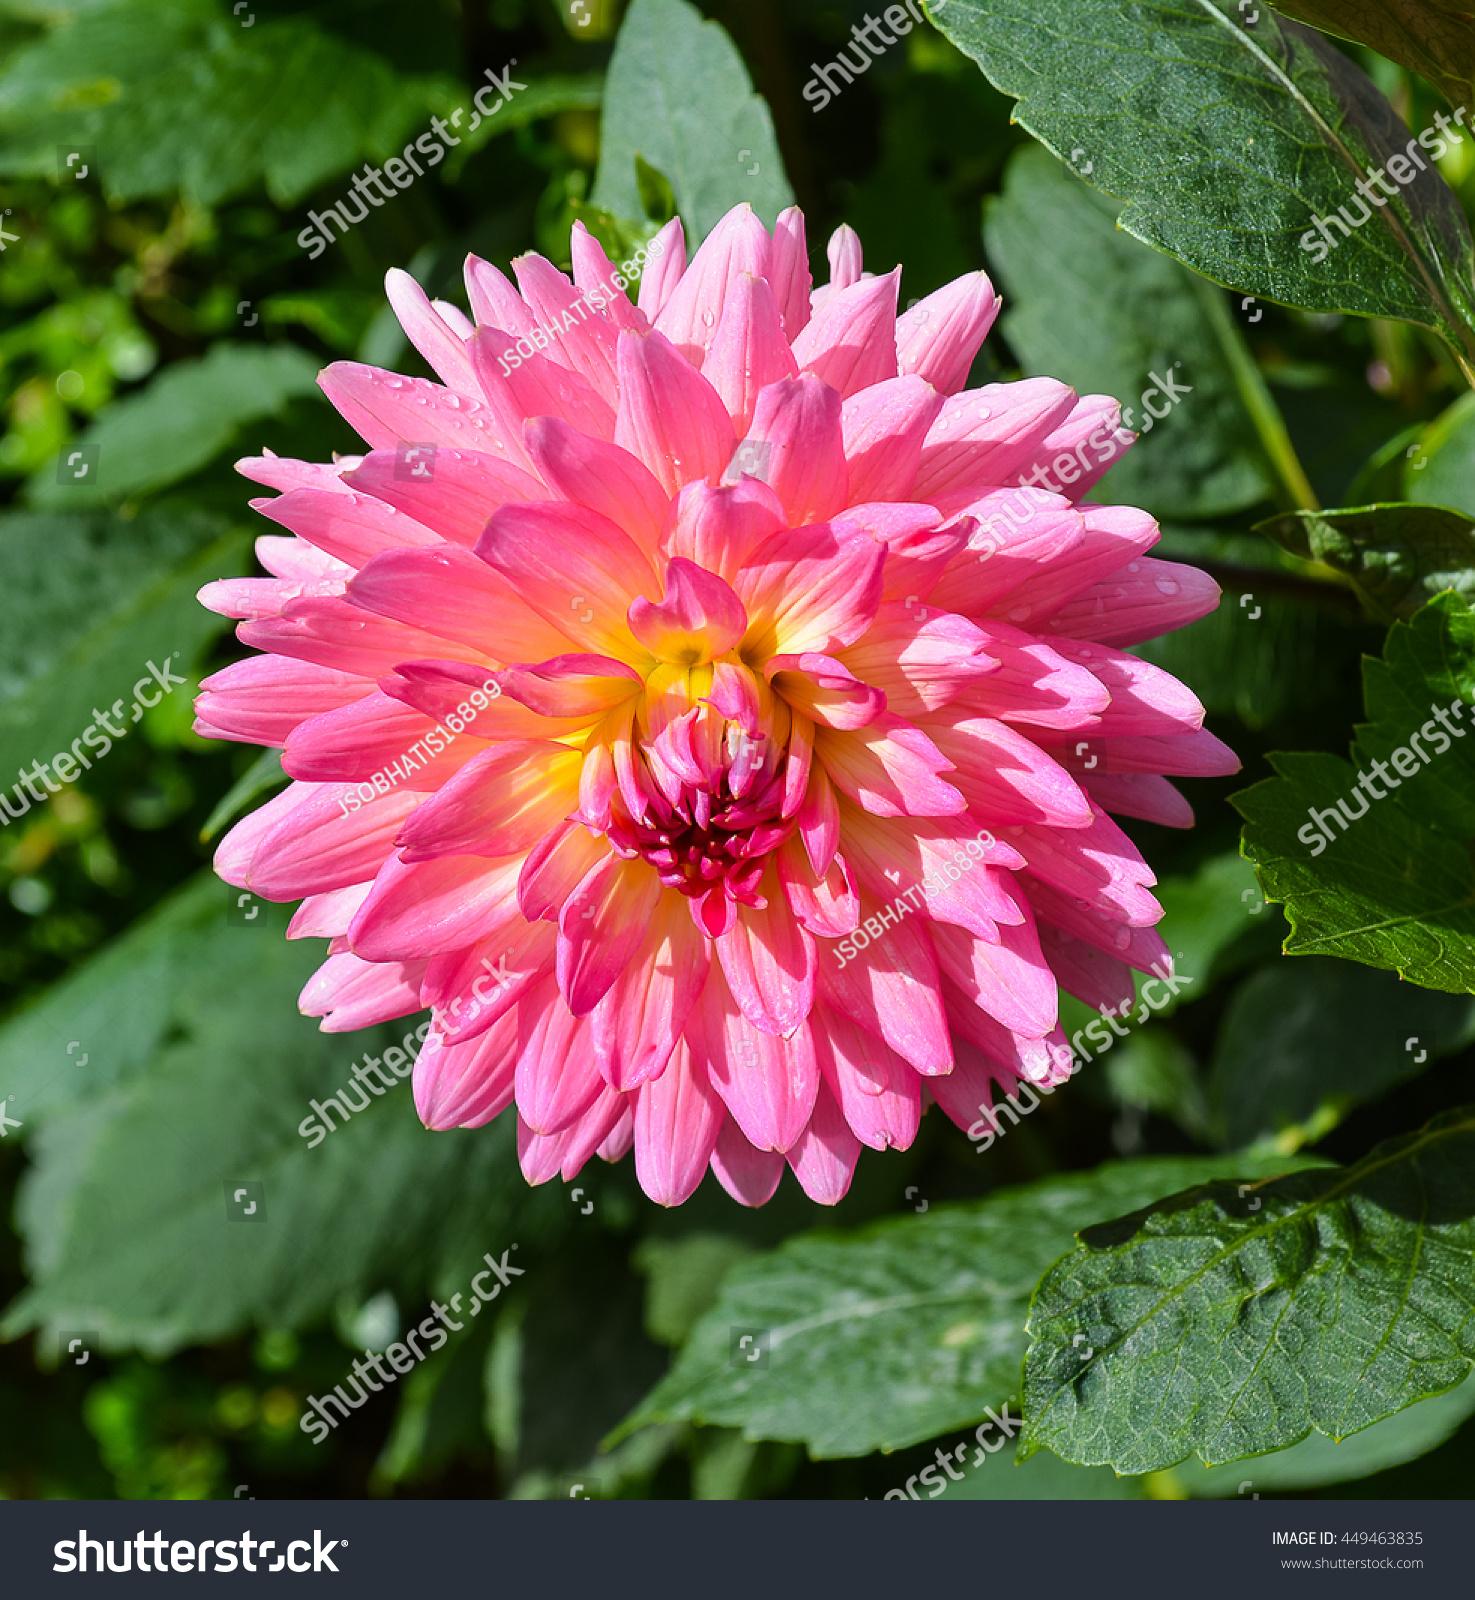 Dahlias flowers ez canvas id 449463835 izmirmasajfo